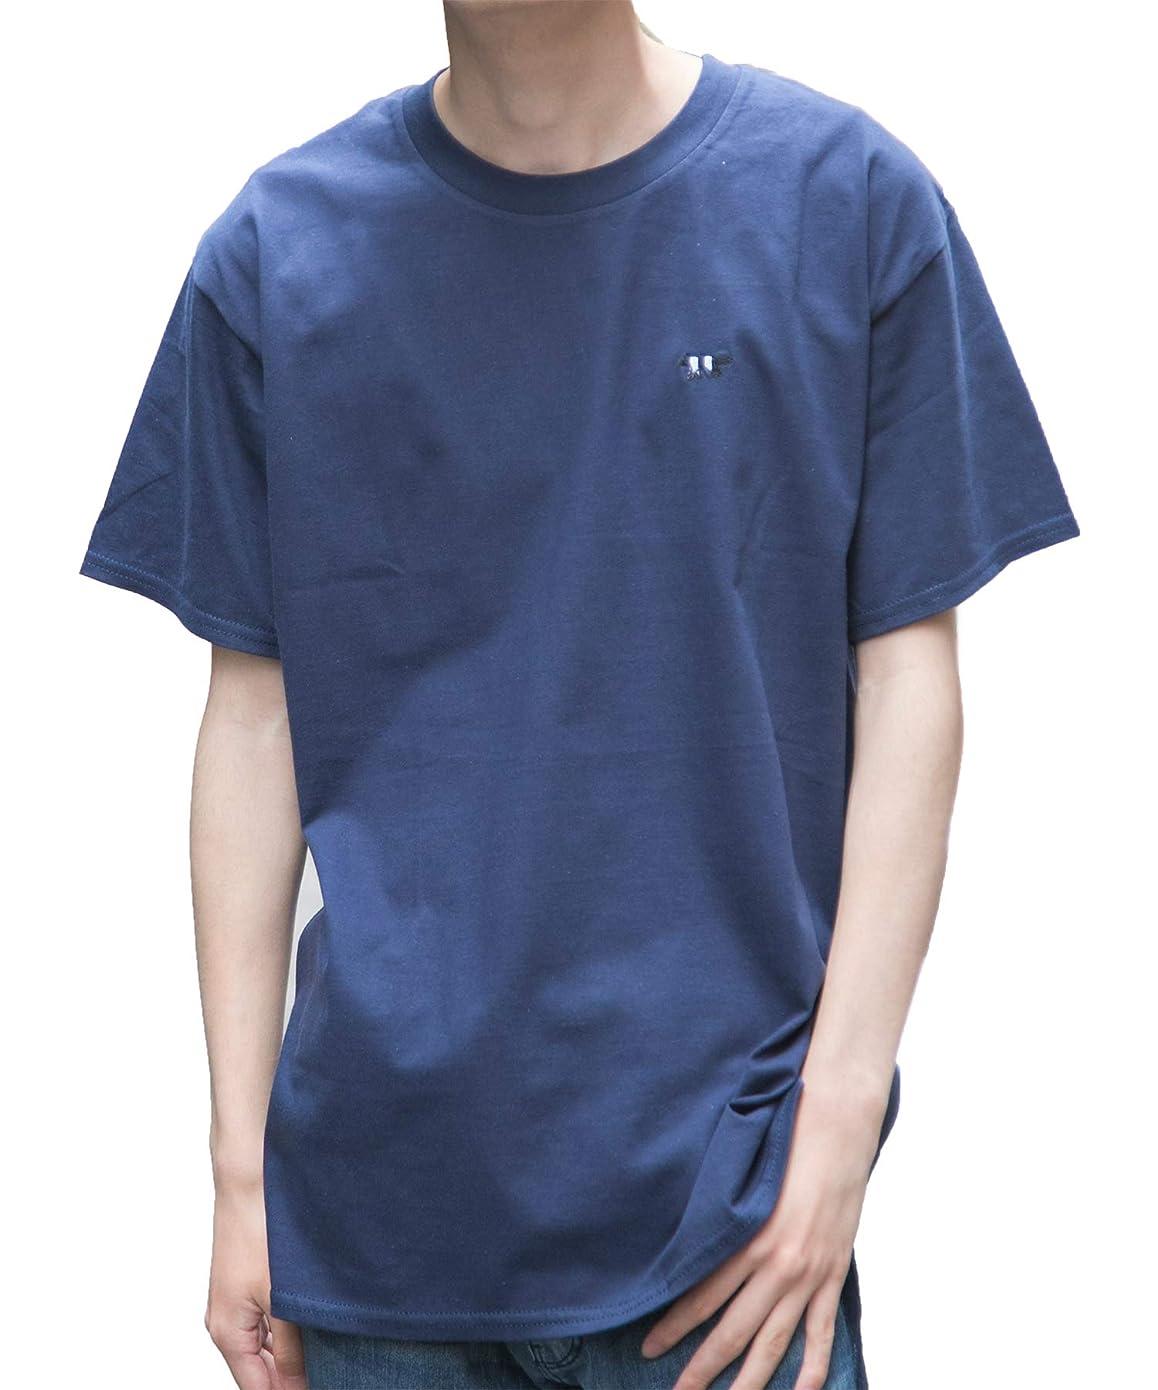 信頼湿原気取らない[セカンドルーツ] ストライプジャガー 半袖 メンズ ユニセックス ジャガー刺繍 綿 カットソー ストライプ ジャガー Tシャツ